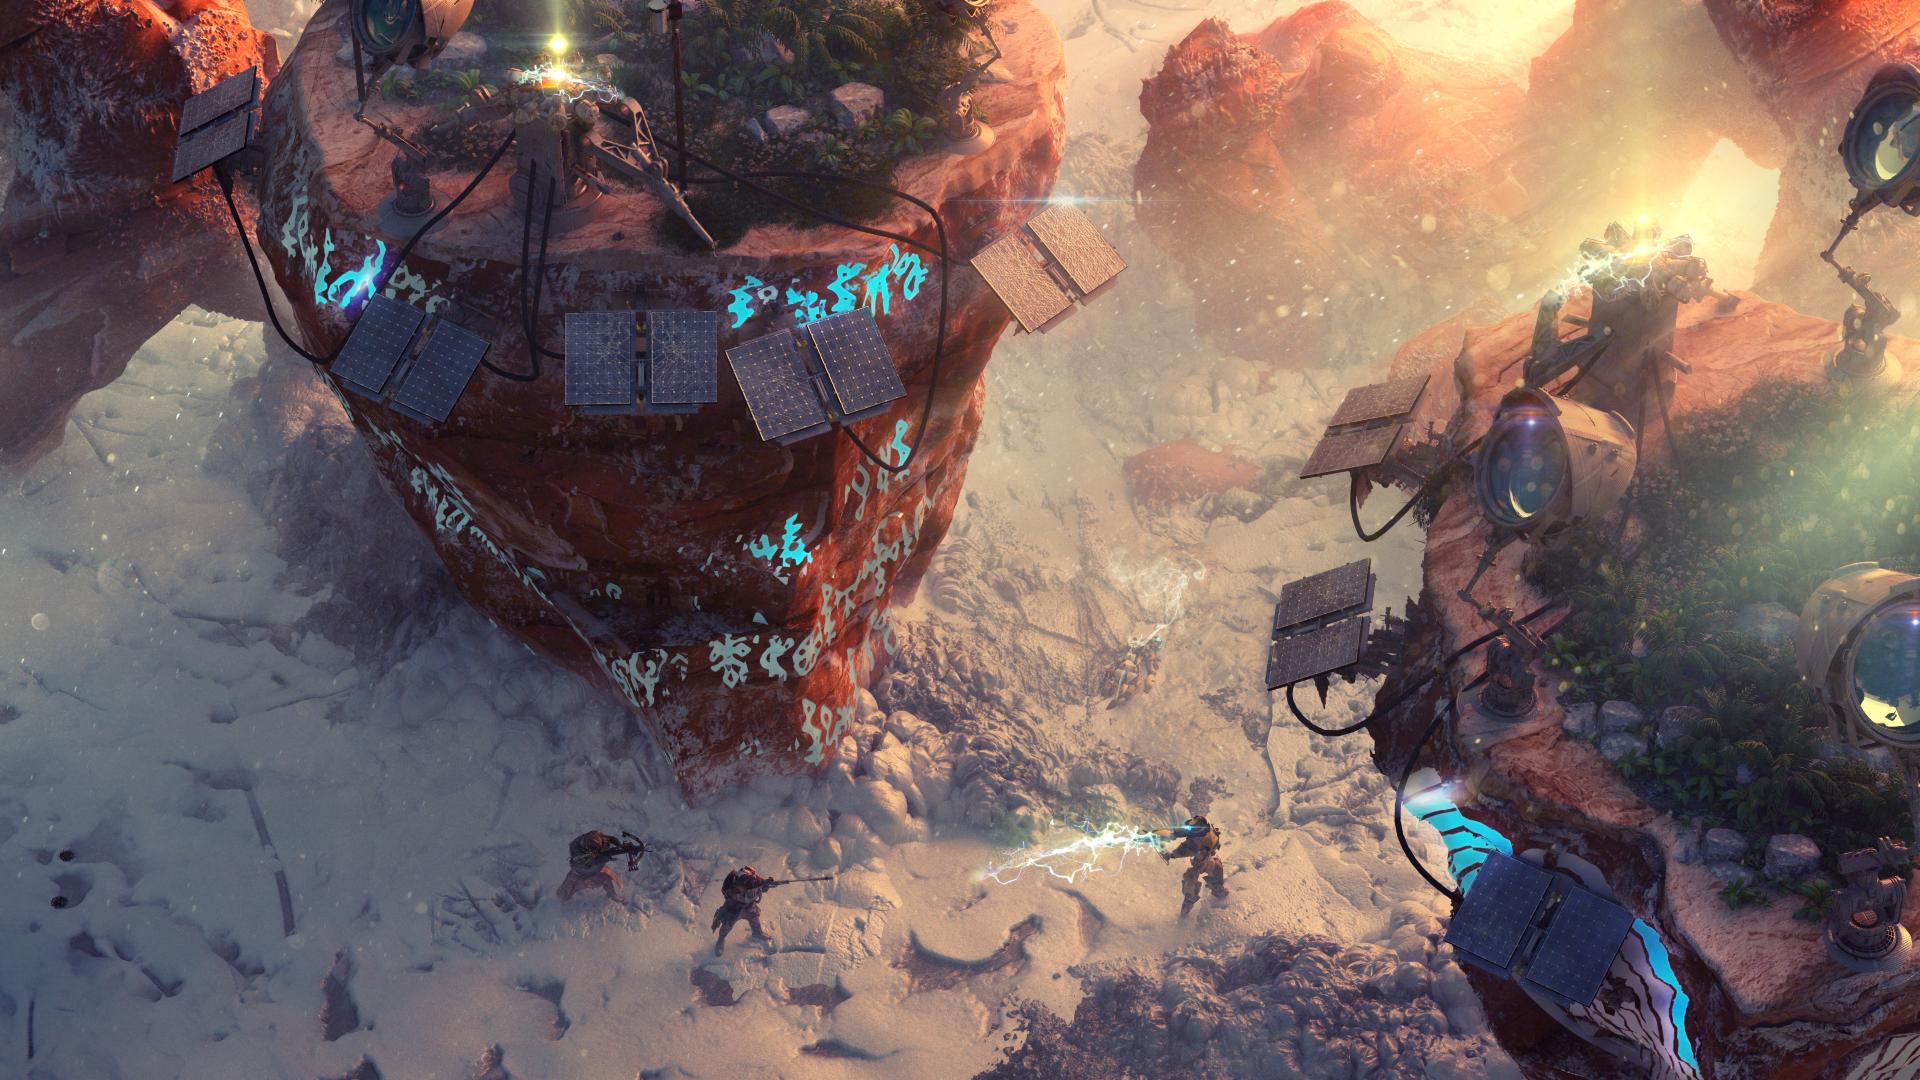 Wasteland 3 hráče přesune z vyprahlé pouště do zamrzlého Colorada 131371